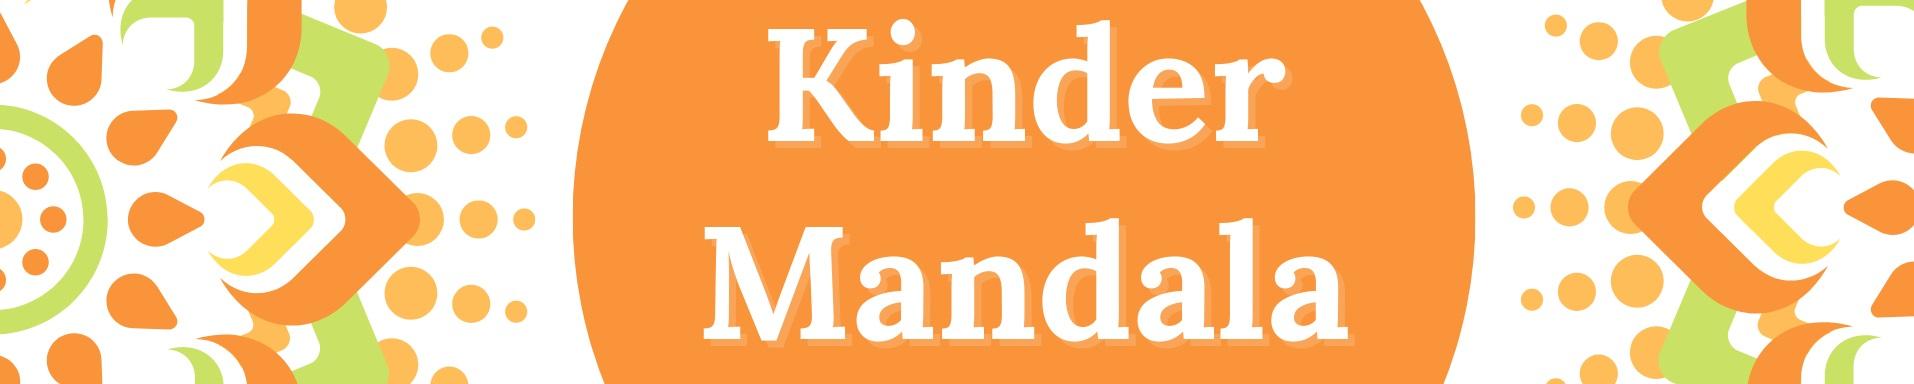 Kinder Mandala